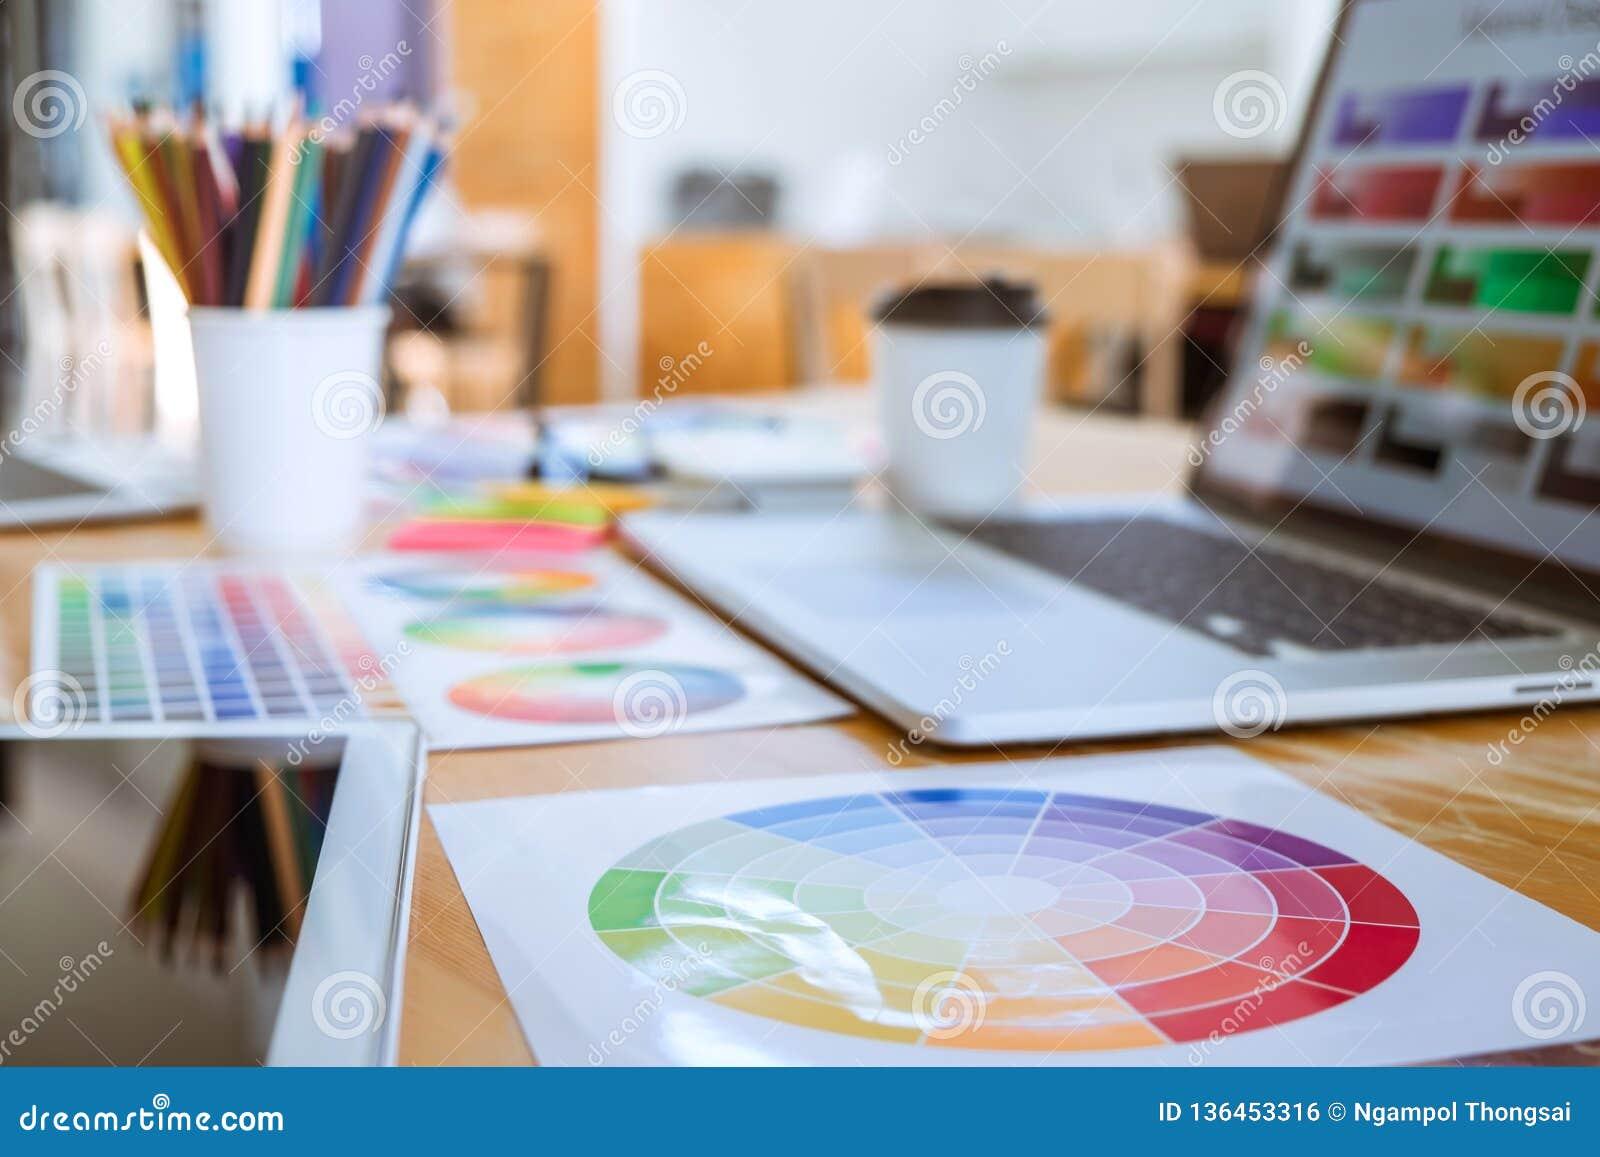 Muestras de la muestra de la herramienta y del color del objeto del diseñador gráfico en el espacio de trabajo